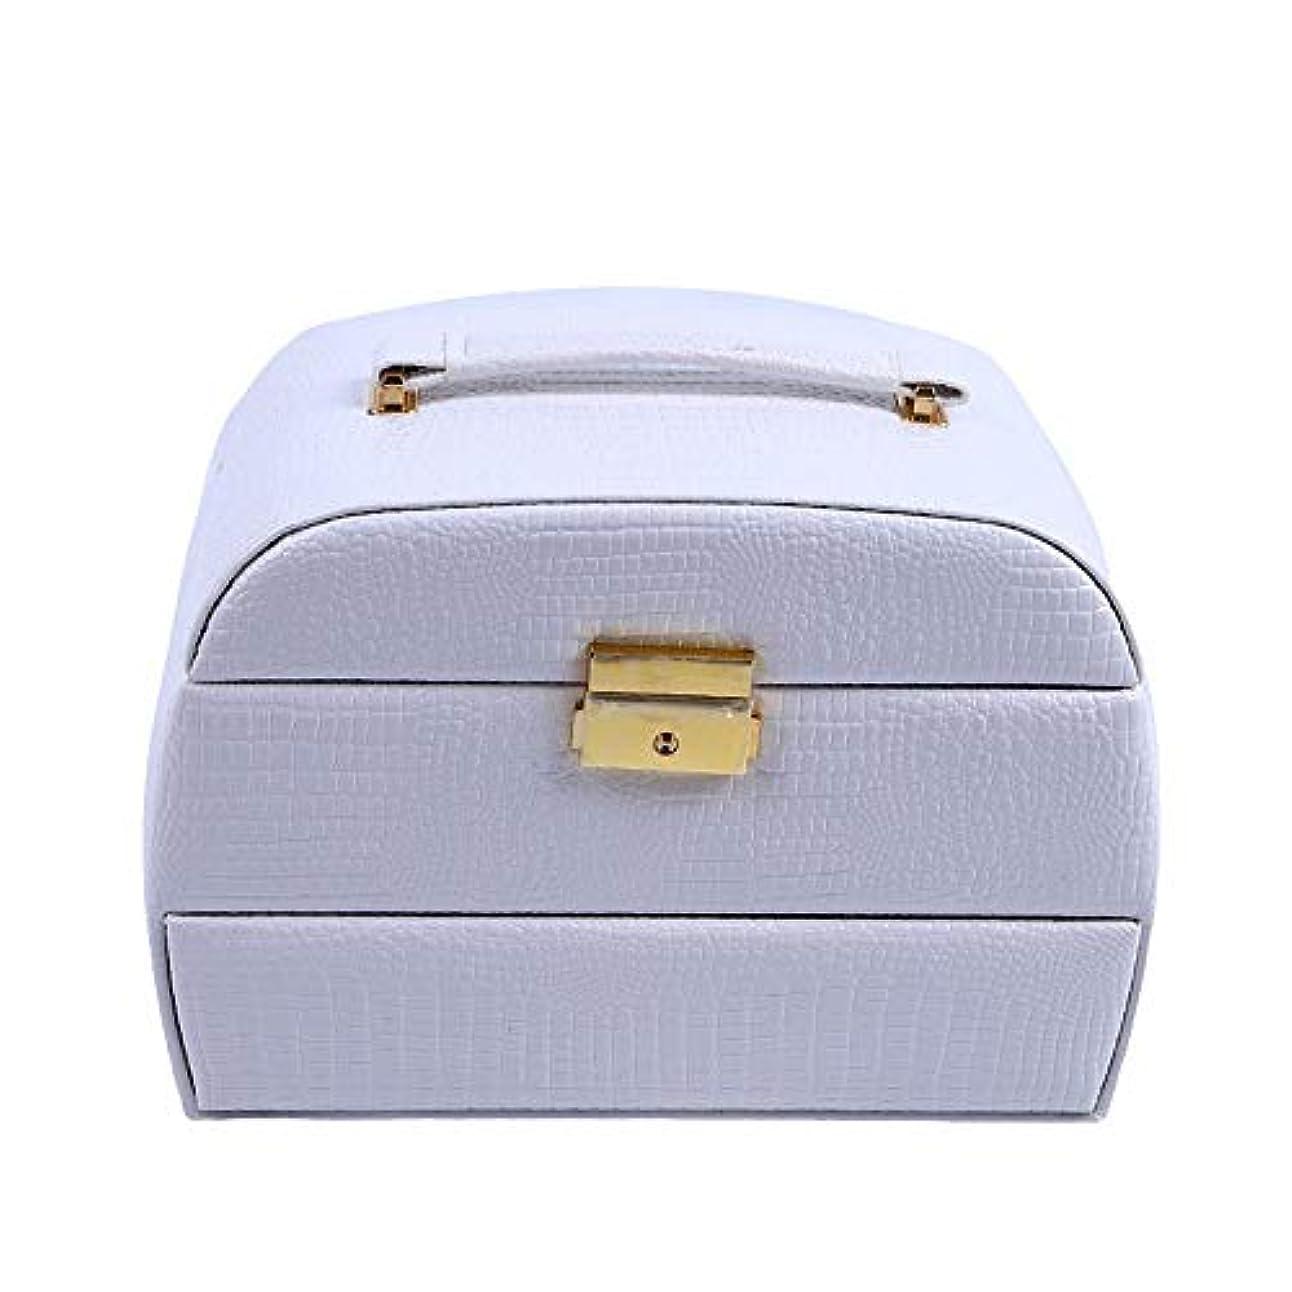 くさび活性化する計器化粧オーガナイザーバッグ 美容メイクアップのための大容量ポータブル化粧ケース、女性化粧ミラー付きのロック付き女性旅行と毎日の保管 化粧品ケース